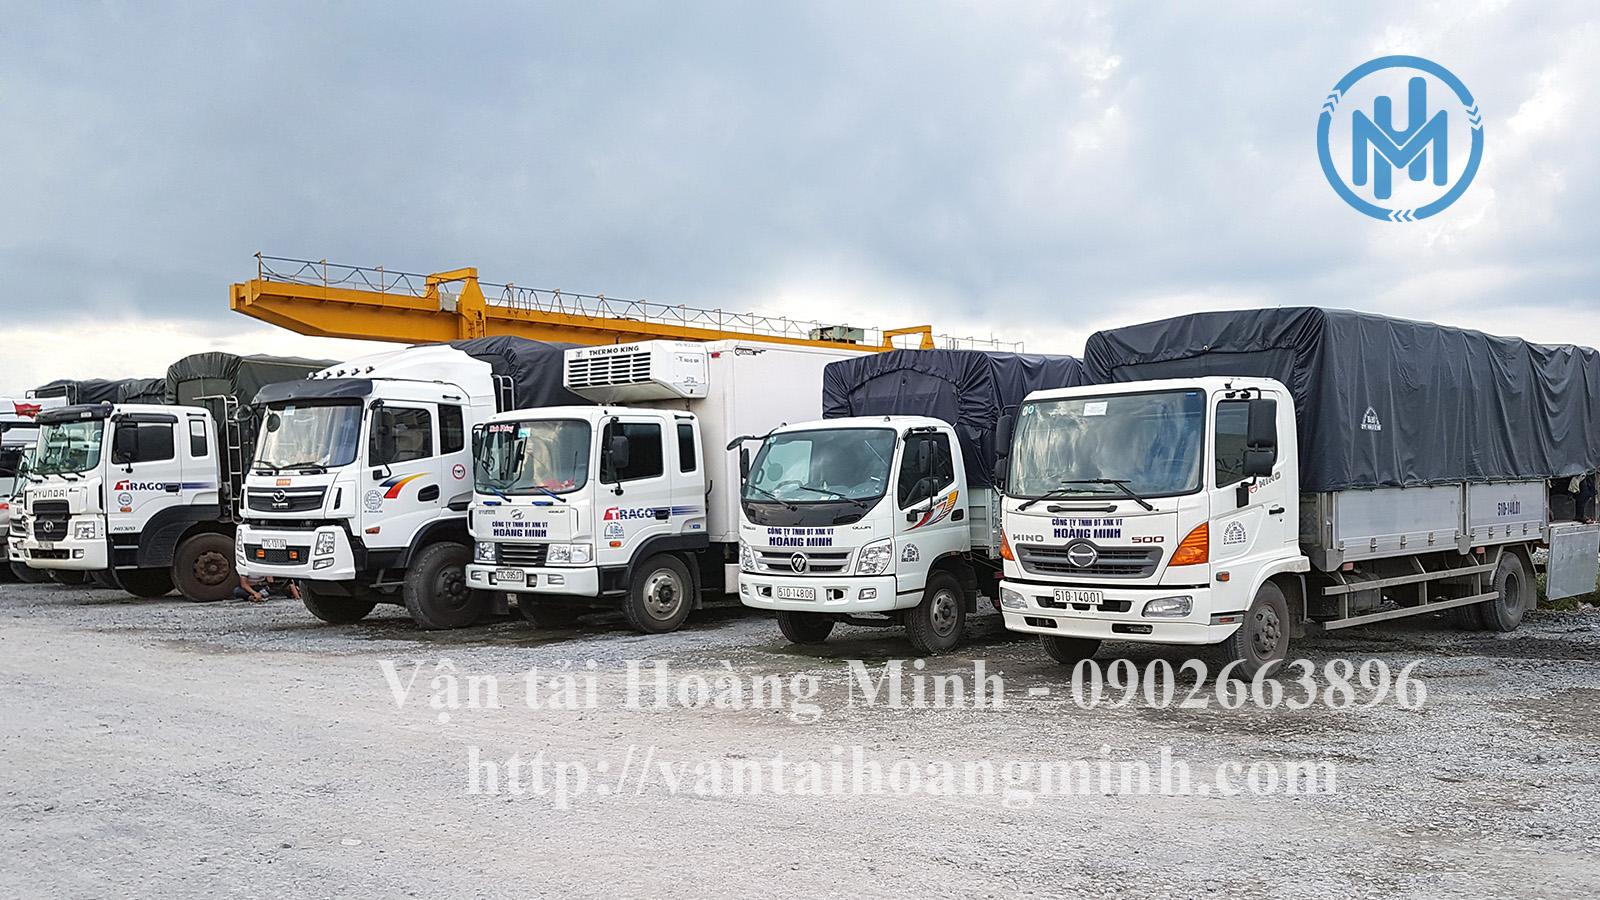 xe vận chuyển hàng tại tphcm của vận tải hoàng minh